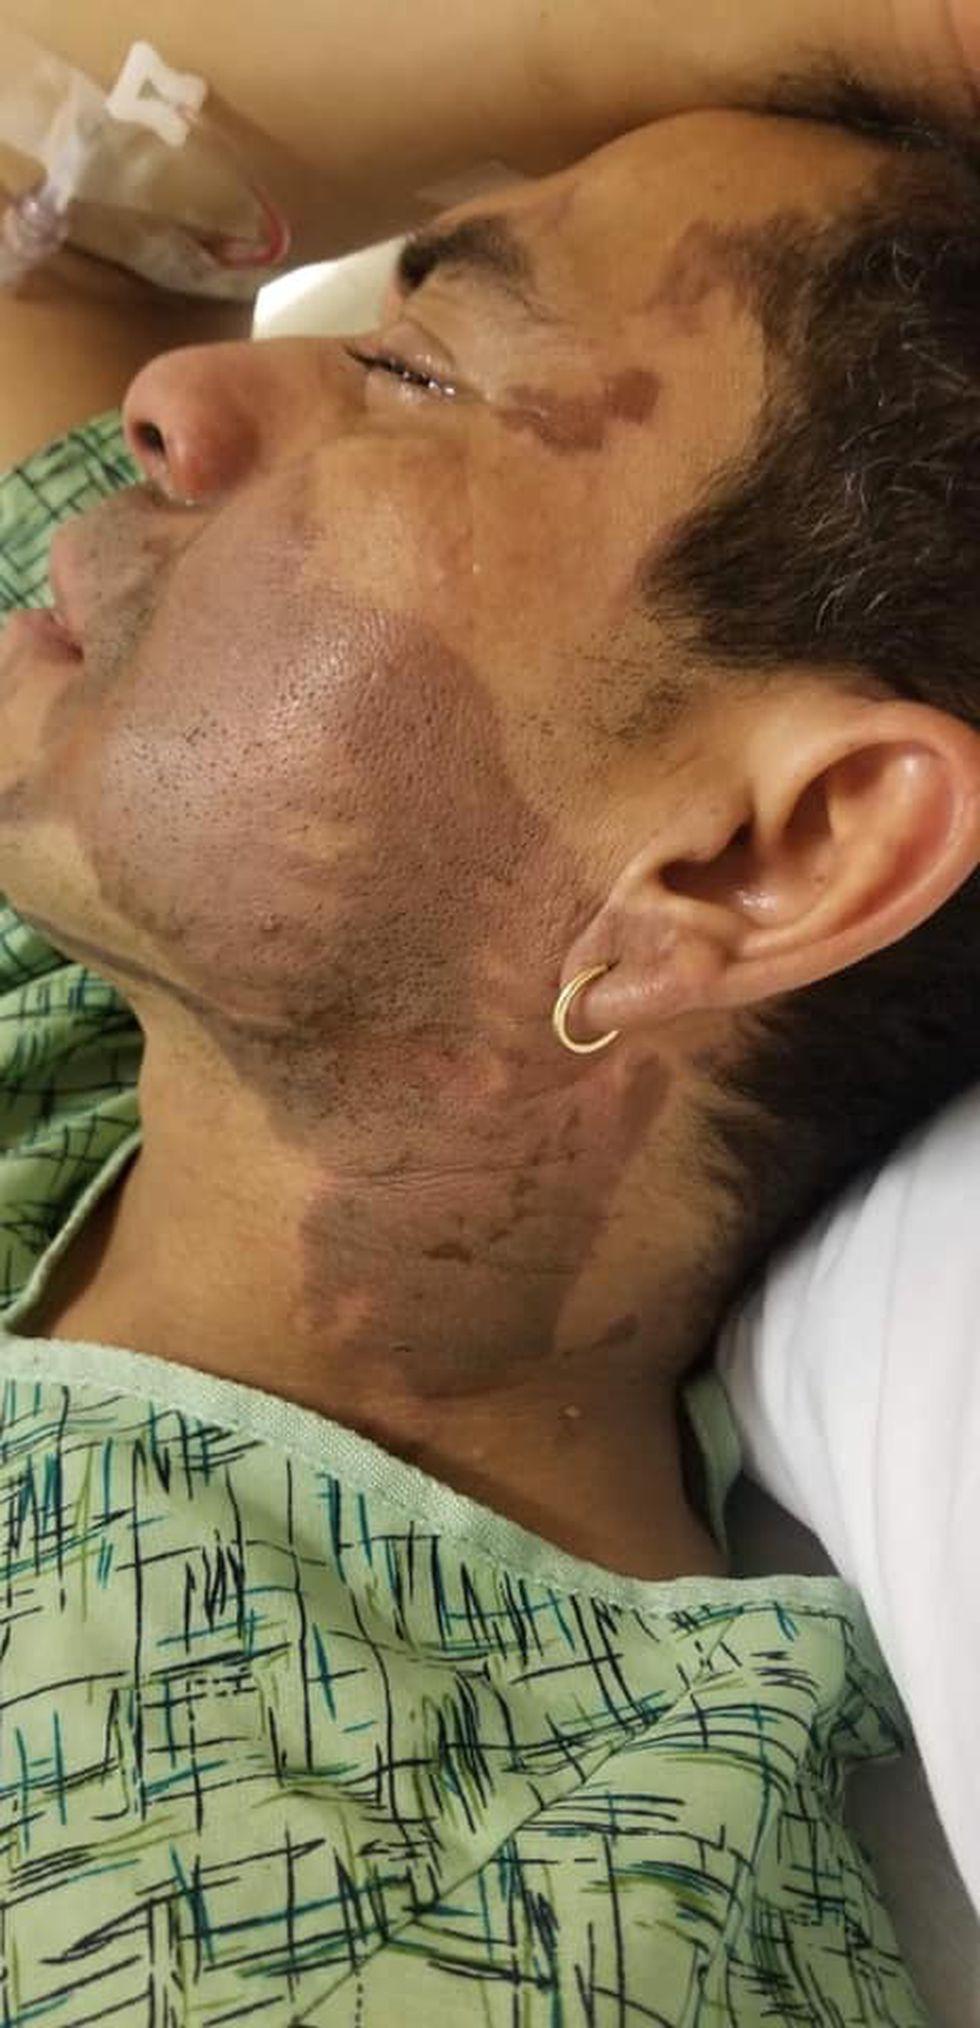 Así quedo el rostro del hombre tras el ataque con ácido de batería. (Facebook: Sivily Maritza Paz)